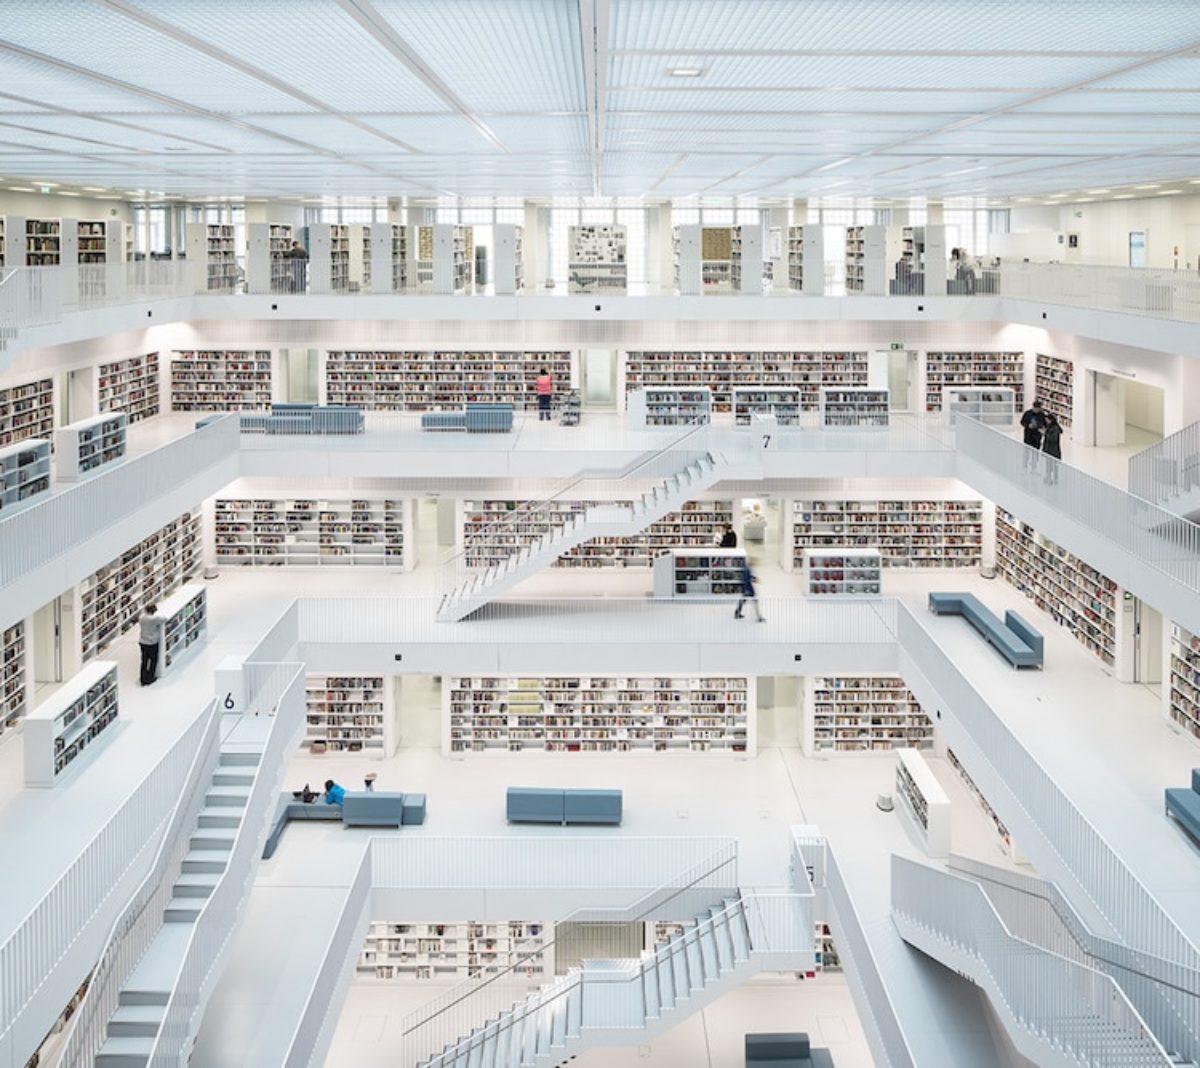 biblioteche-mondo-foto